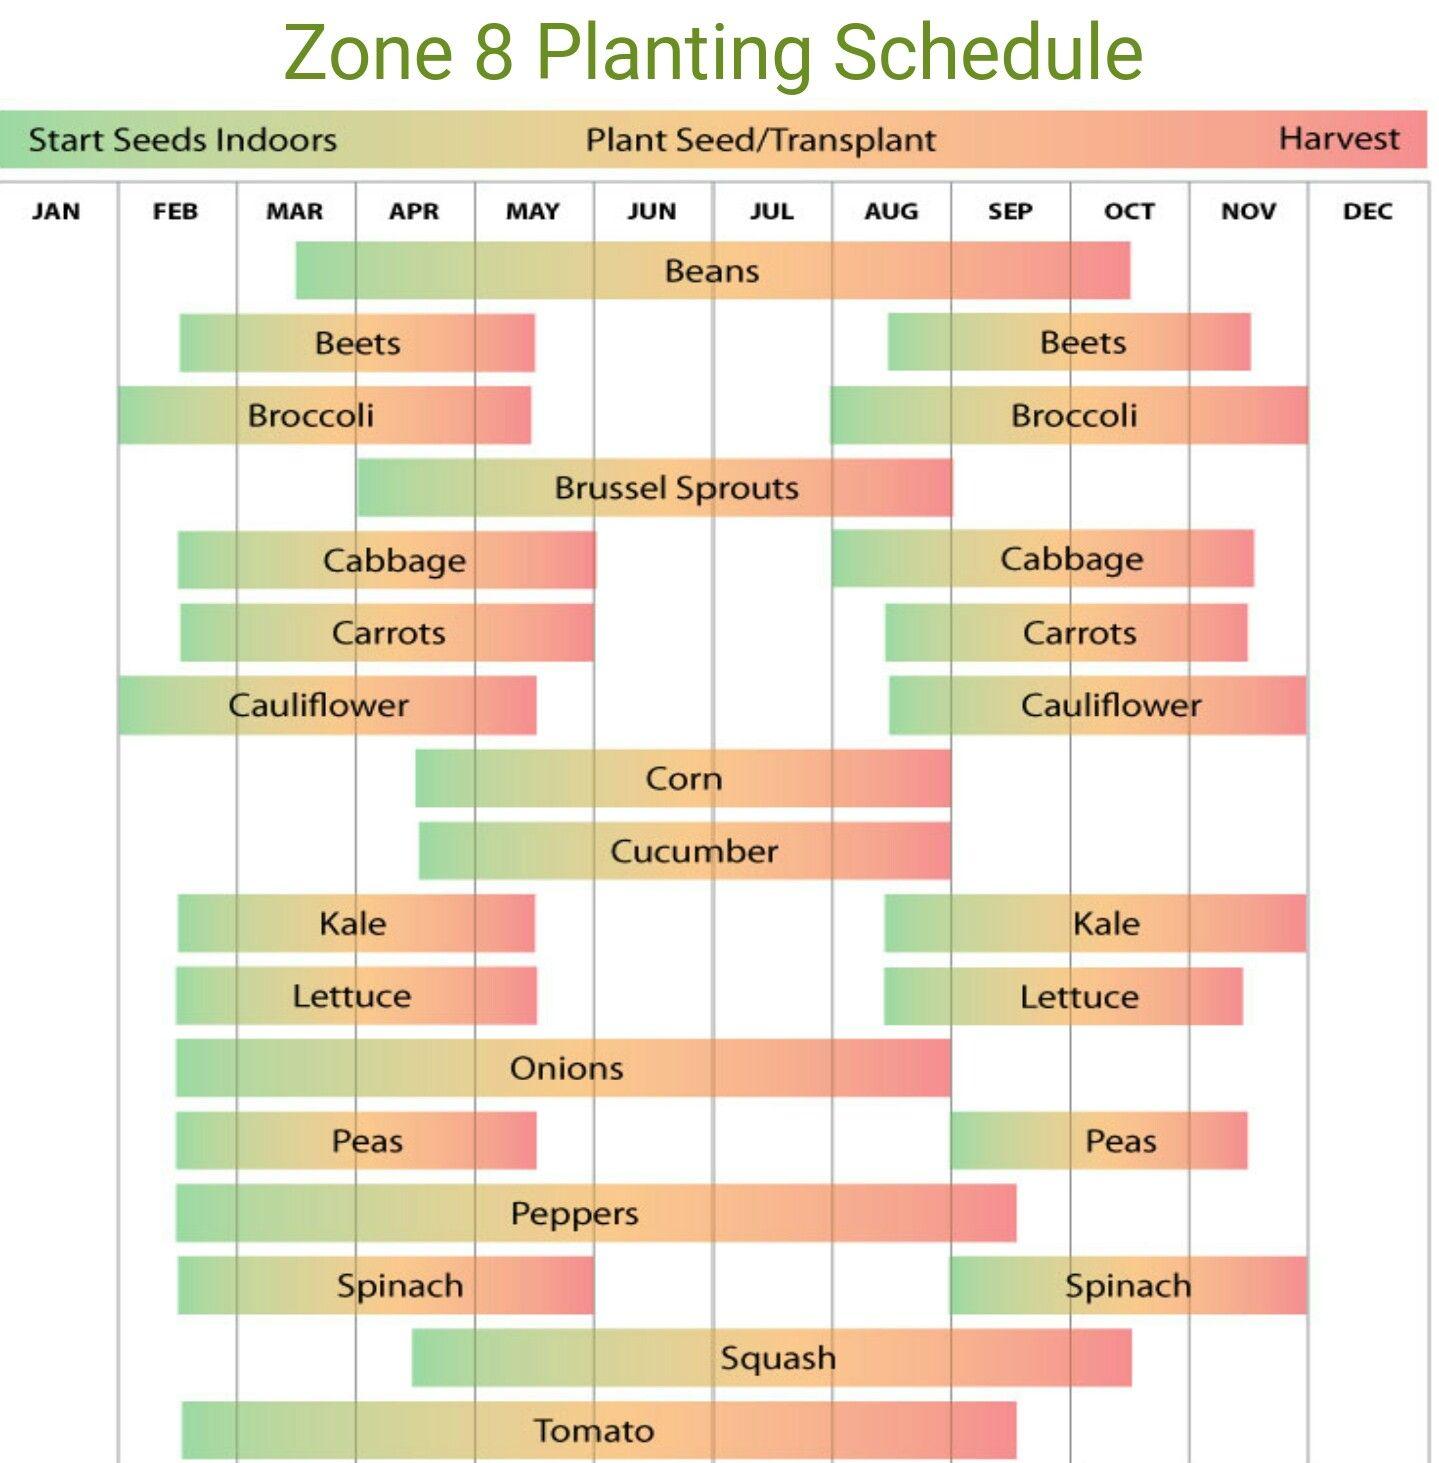 Garden Needs Online Vegetable Planting Calendar Planting Calendar When To Plant Vegetables